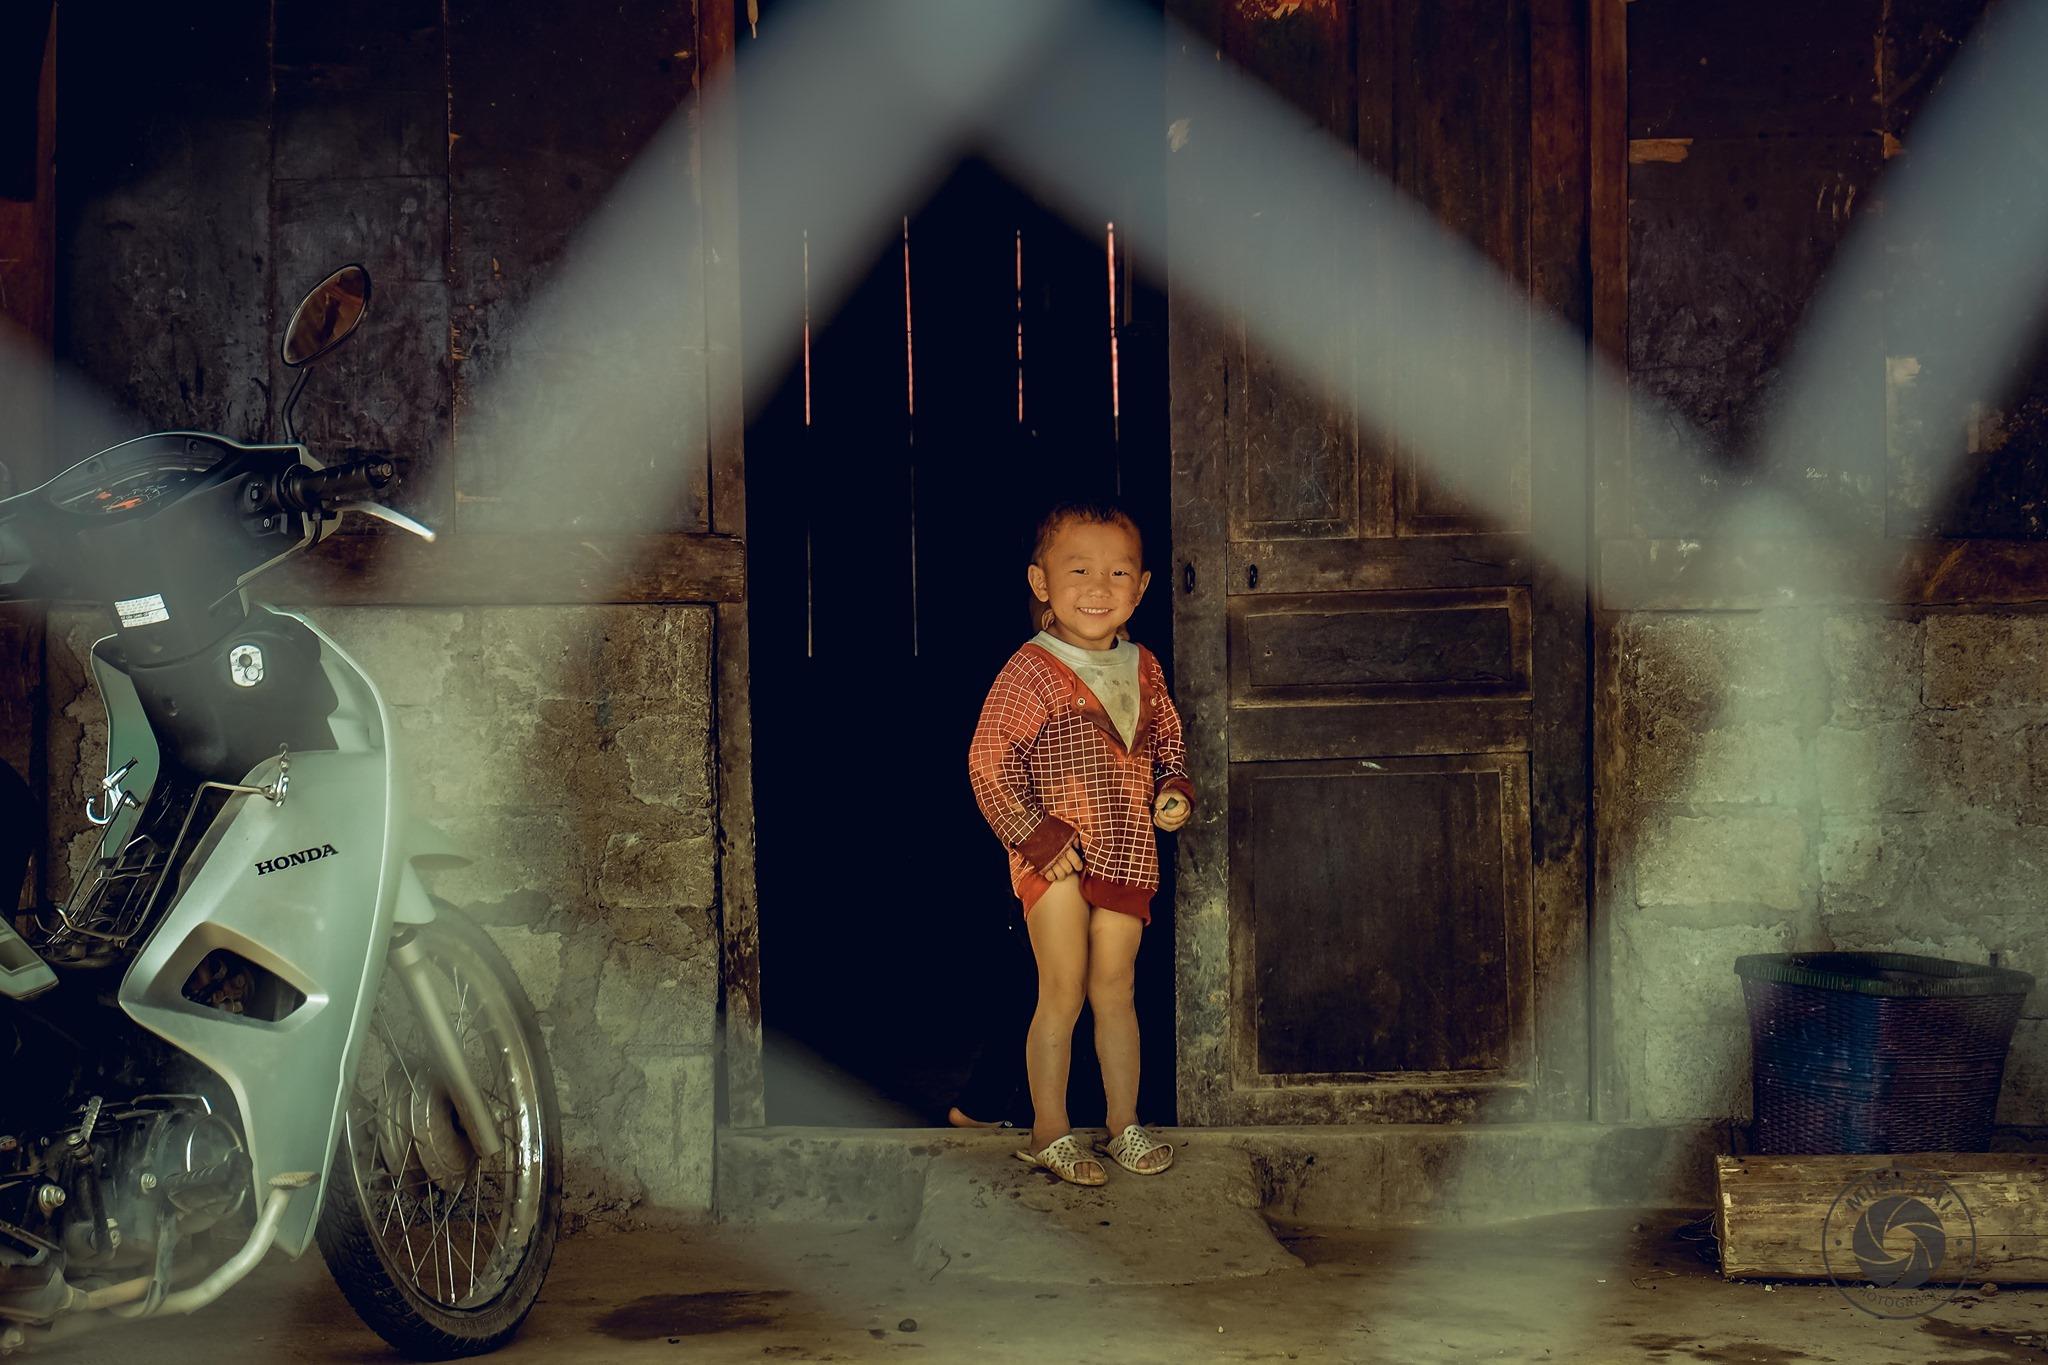 Bộ ảnh trong trẻo khiến ai cũng ao ước xin một vé trở về tuổi thơ